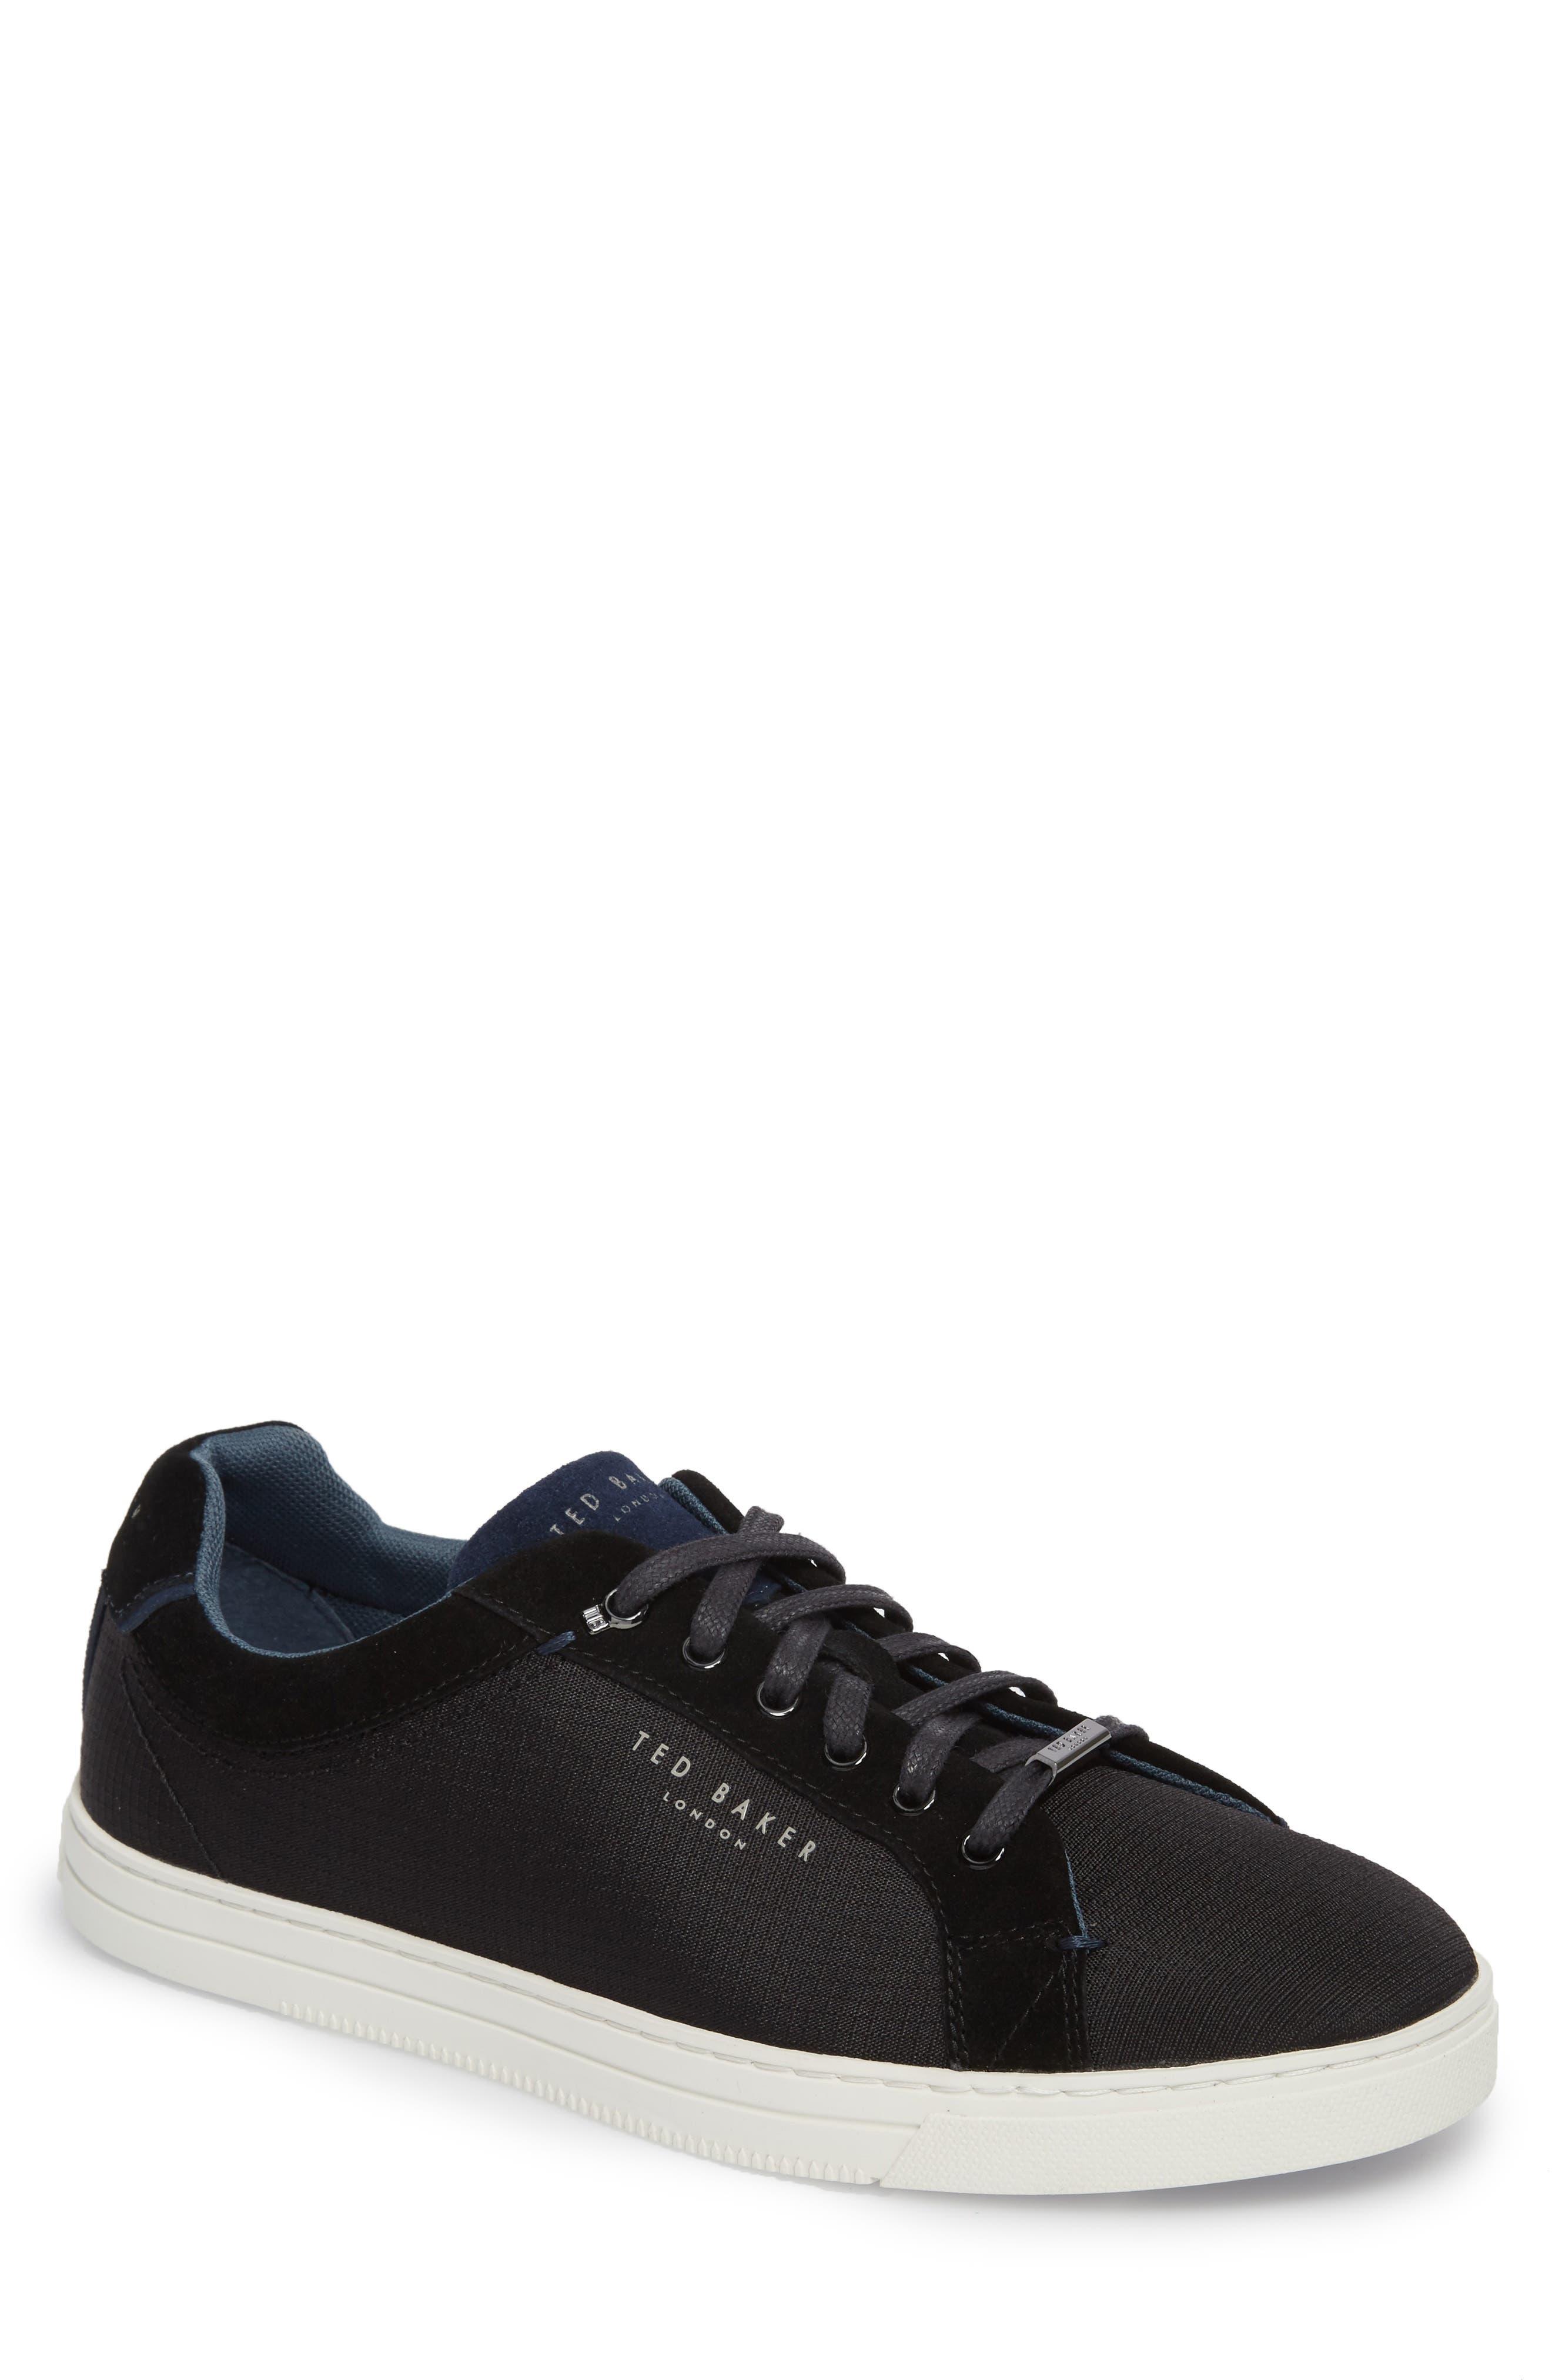 Klemes Sneaker,                         Main,                         color, Black Textile